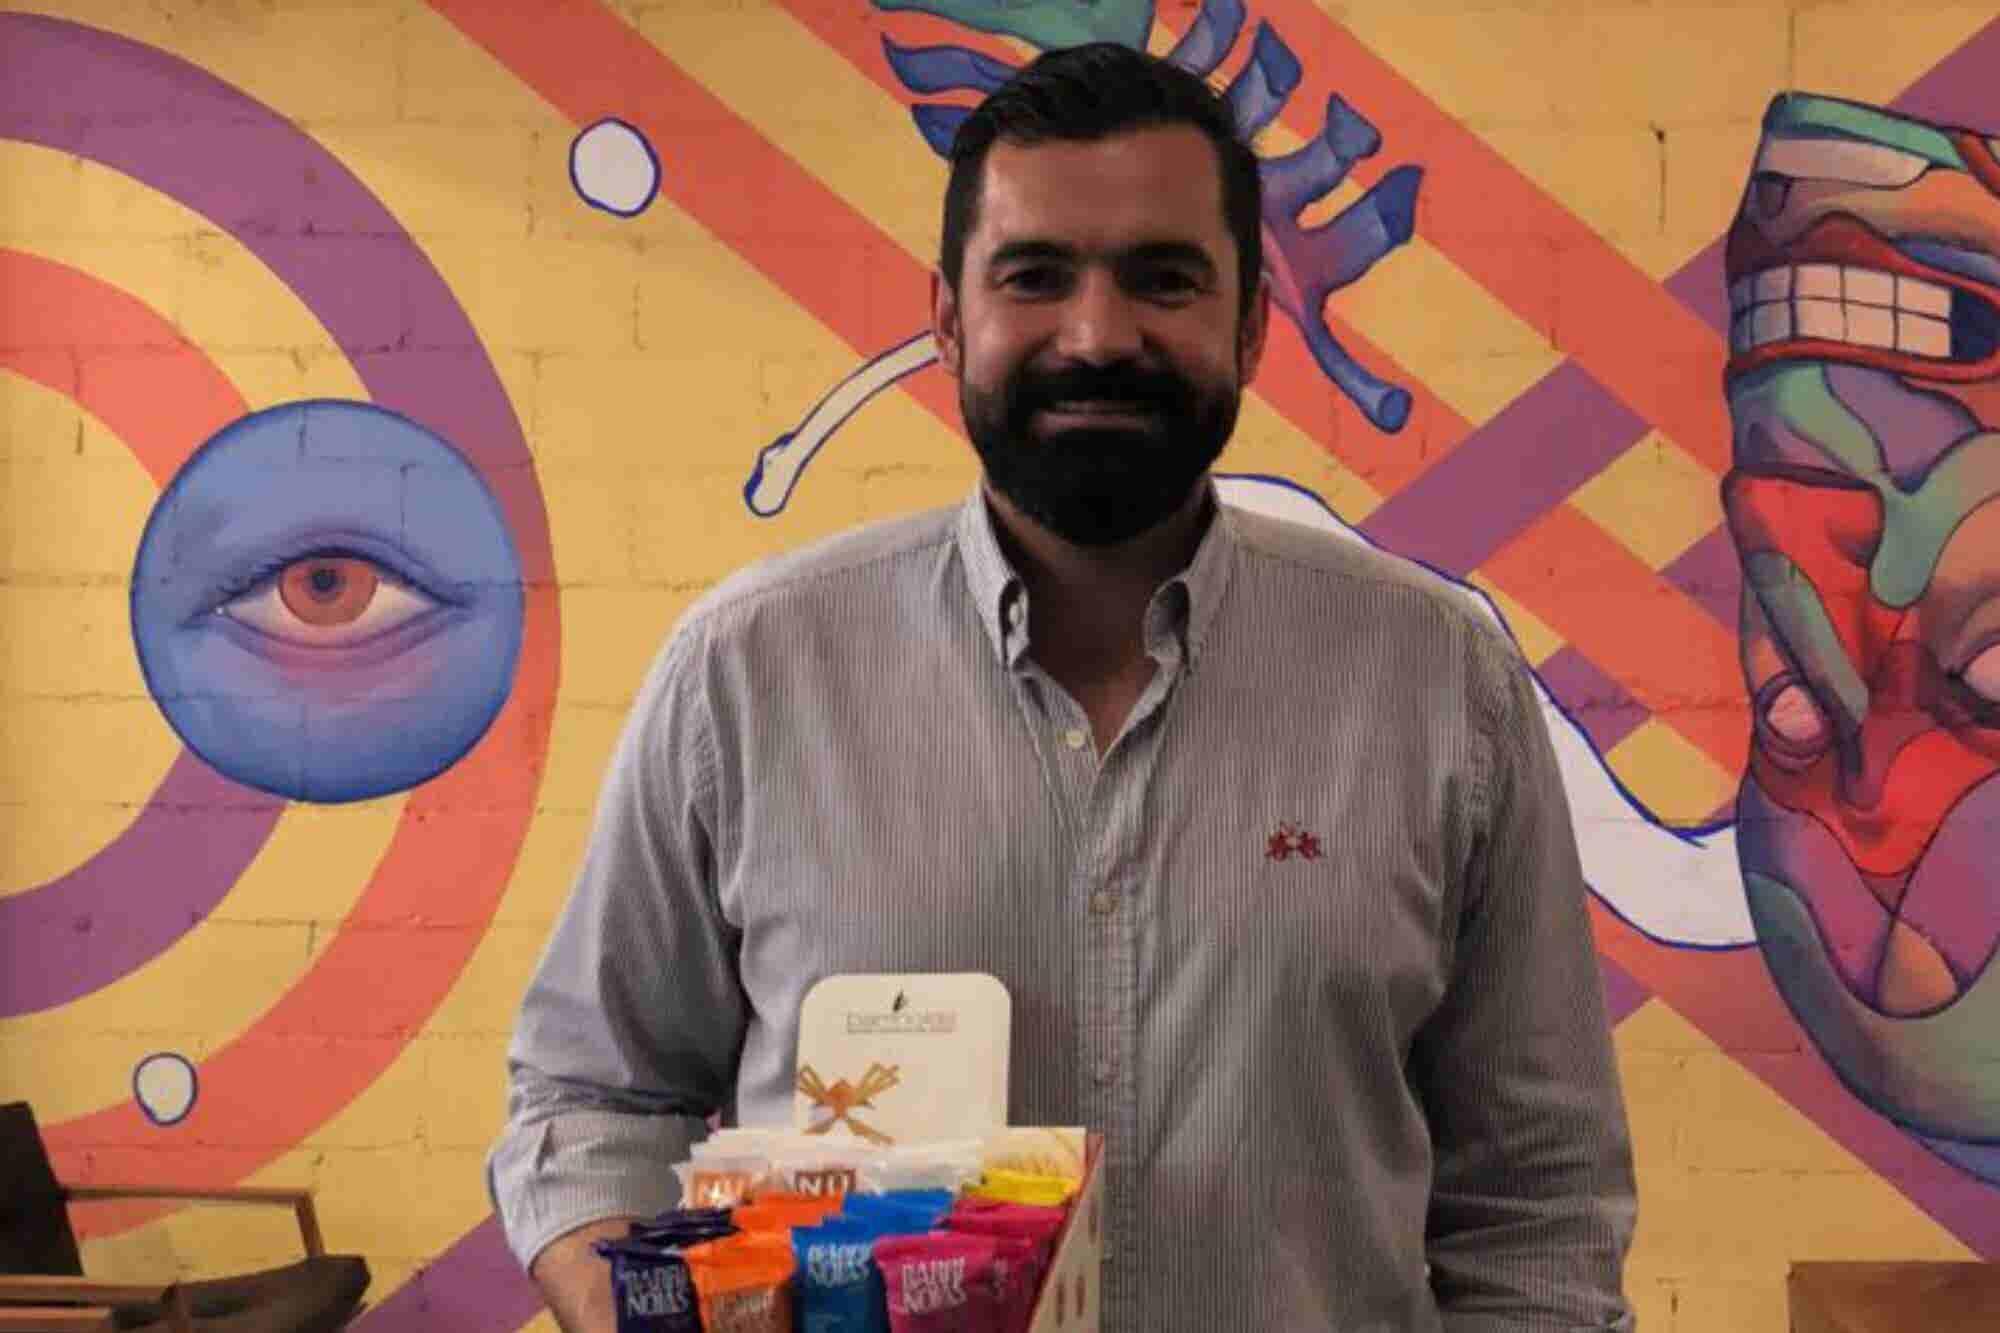 El emprendedor de barras nutritivas que compite con Kellogg's y Quaker